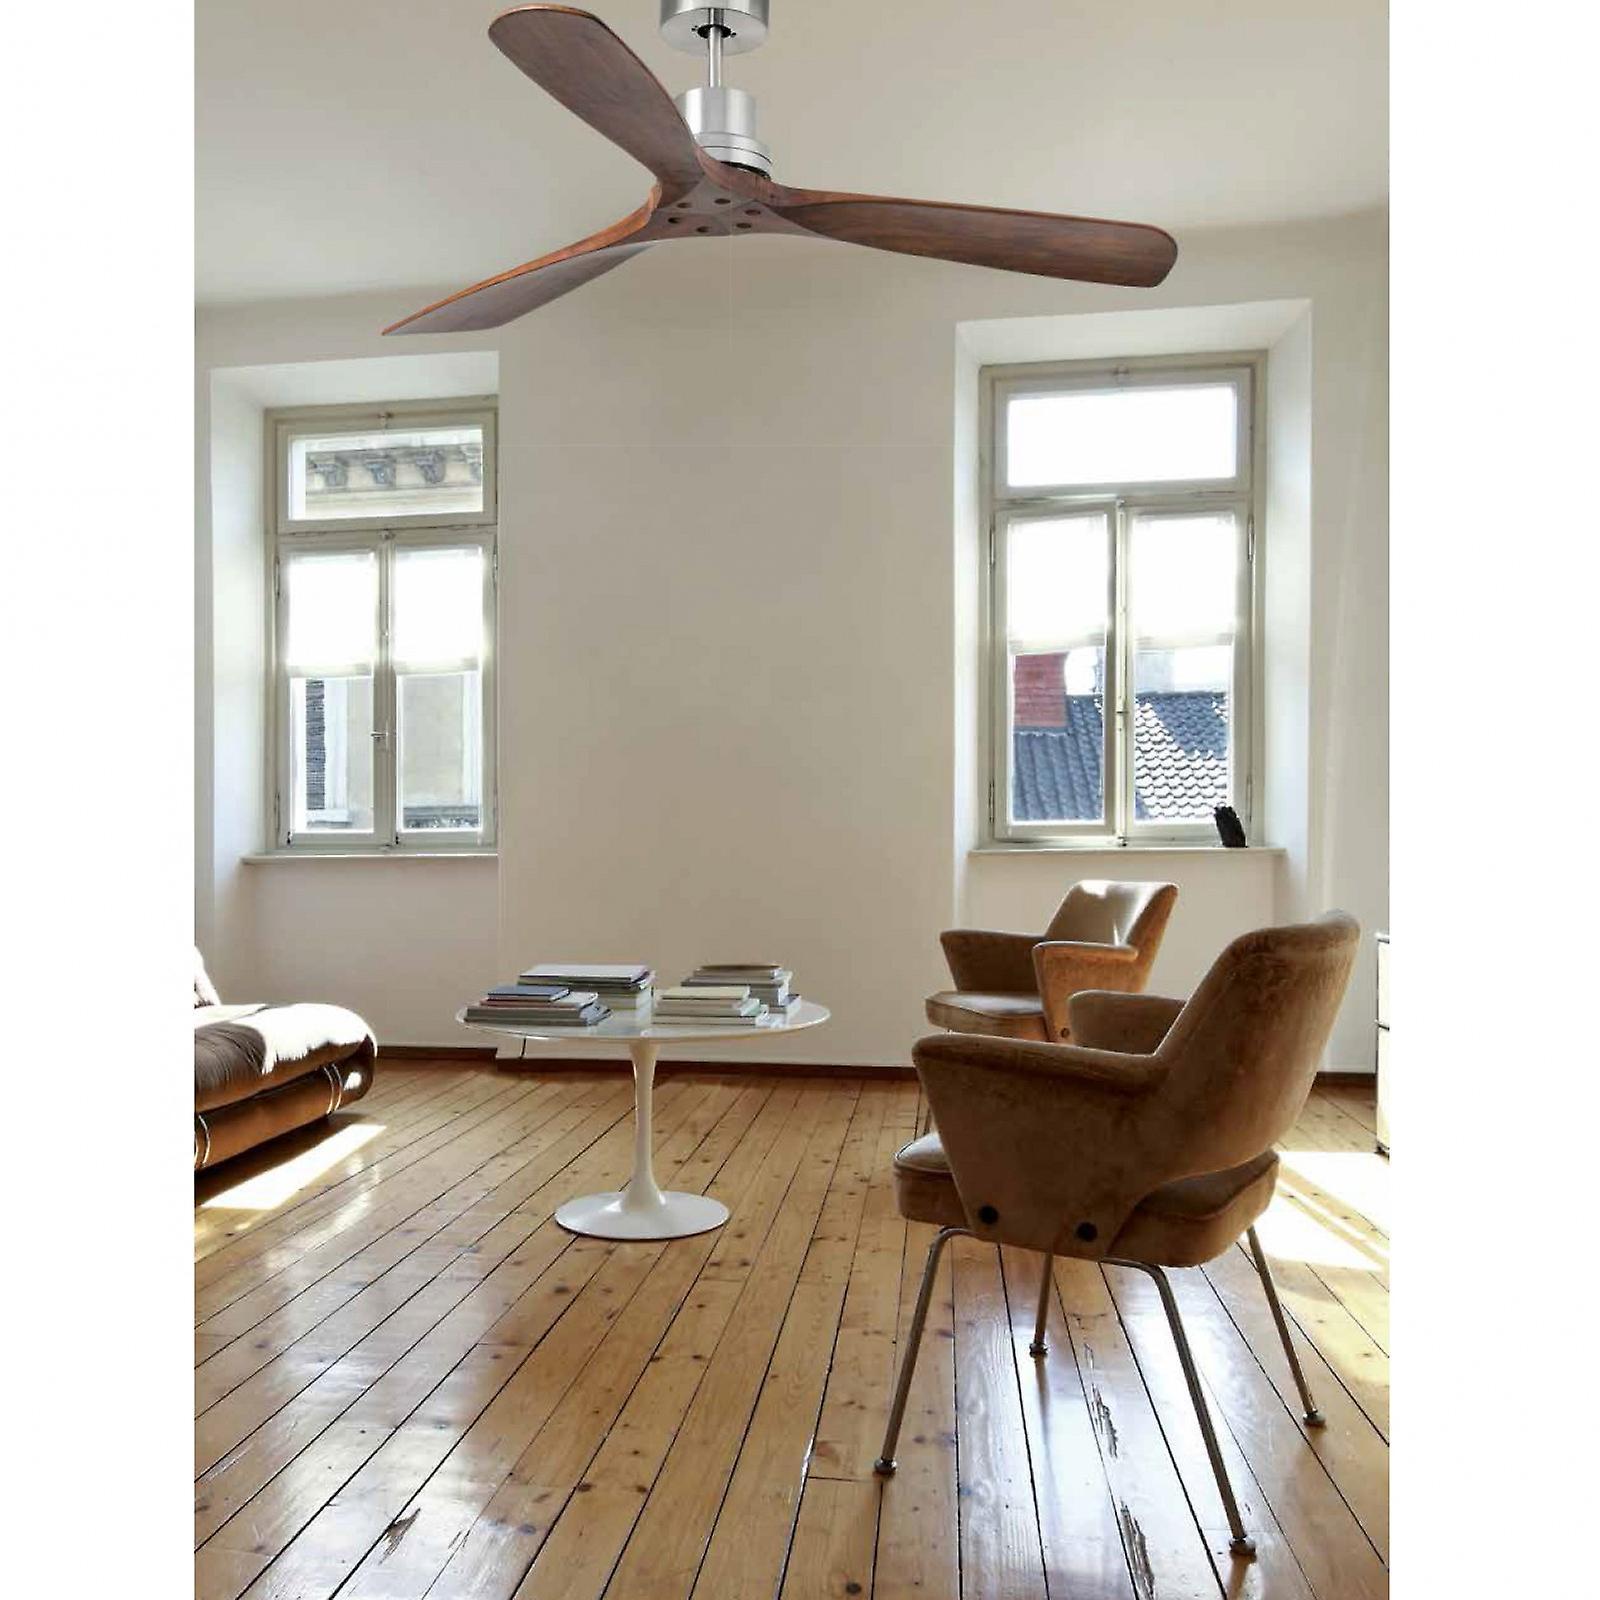 Ventilatore da soffitto Lantau noce 132cm/52